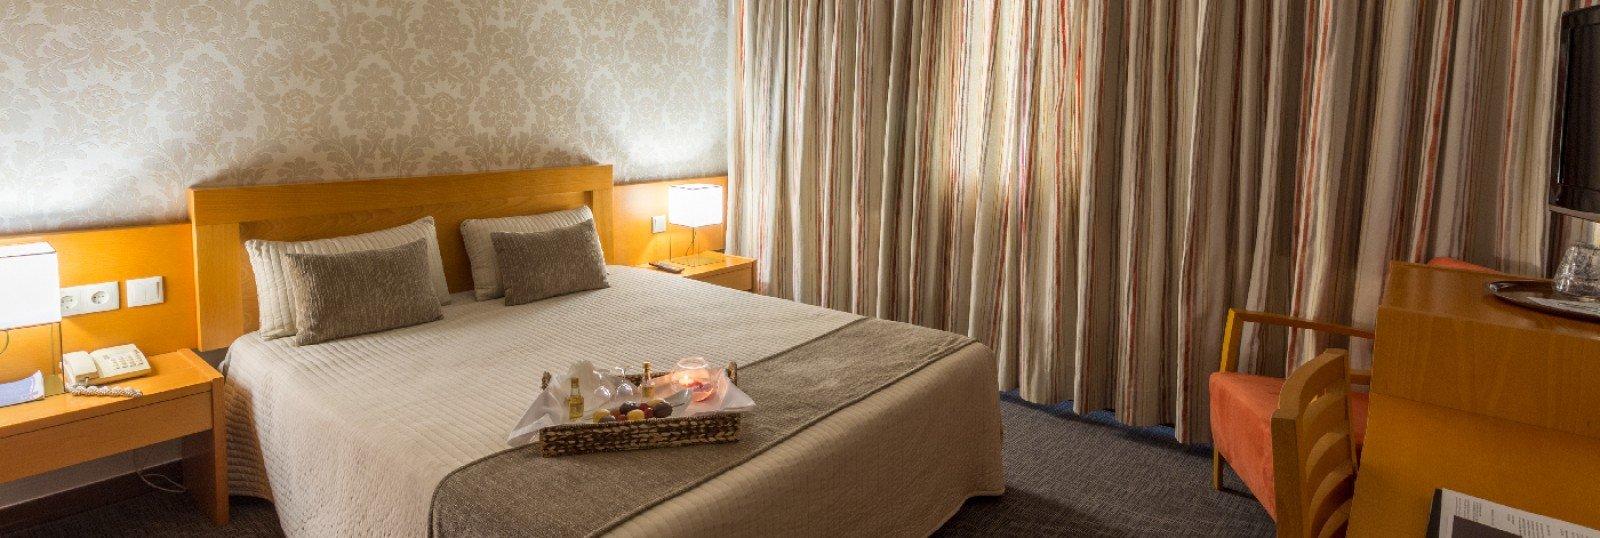 Hotel Eurosol Leiria habitación doble